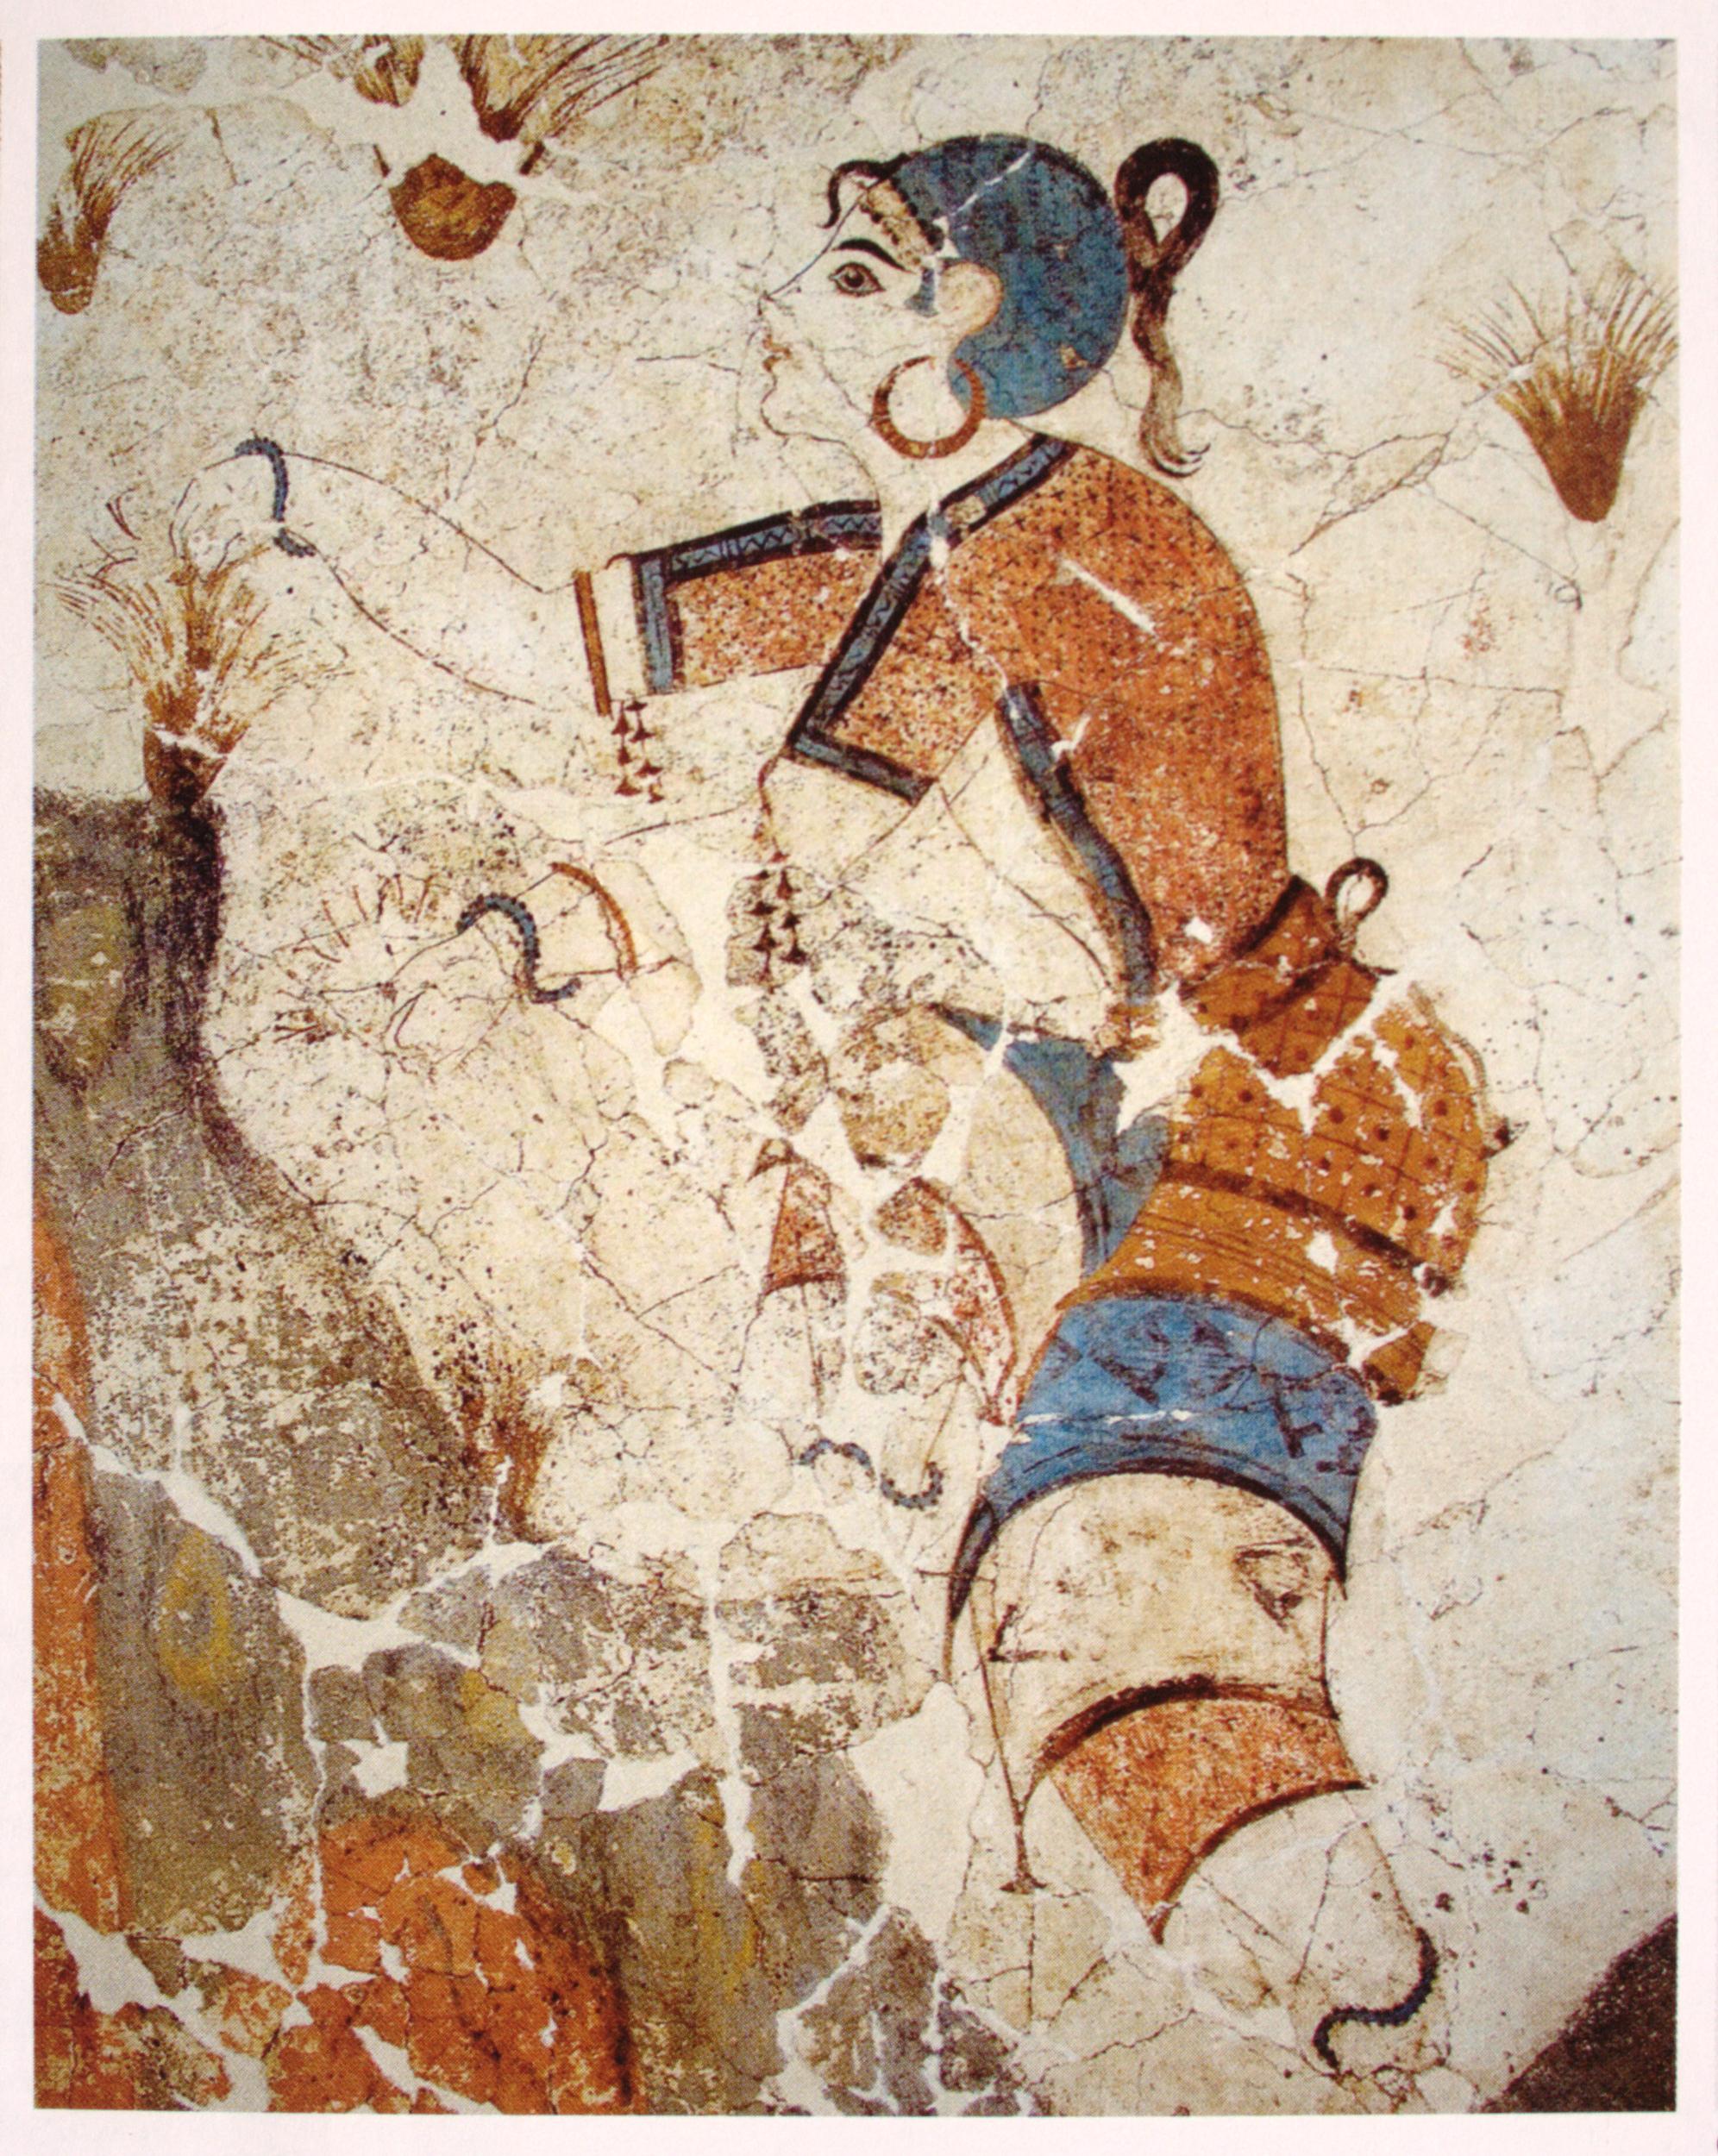 Eine jungs Frau mit weiser Haut und Blauem Zopf. Sie trägt ein orangenes langes Kleid mit blauen strefen und Pflückt safran.